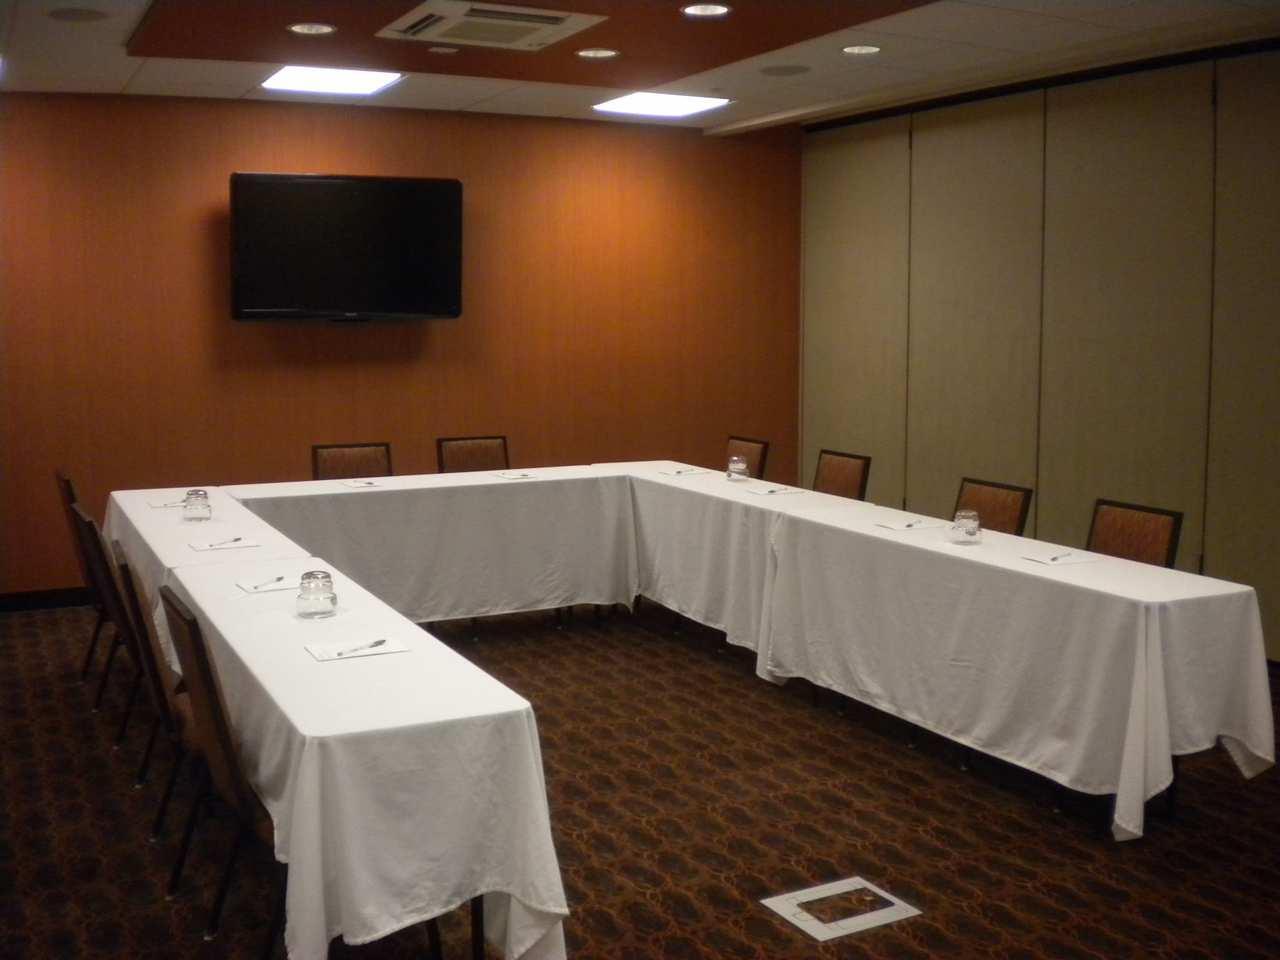 Hampton Inn & Suites Cincinnati/Uptown-University Area image 11